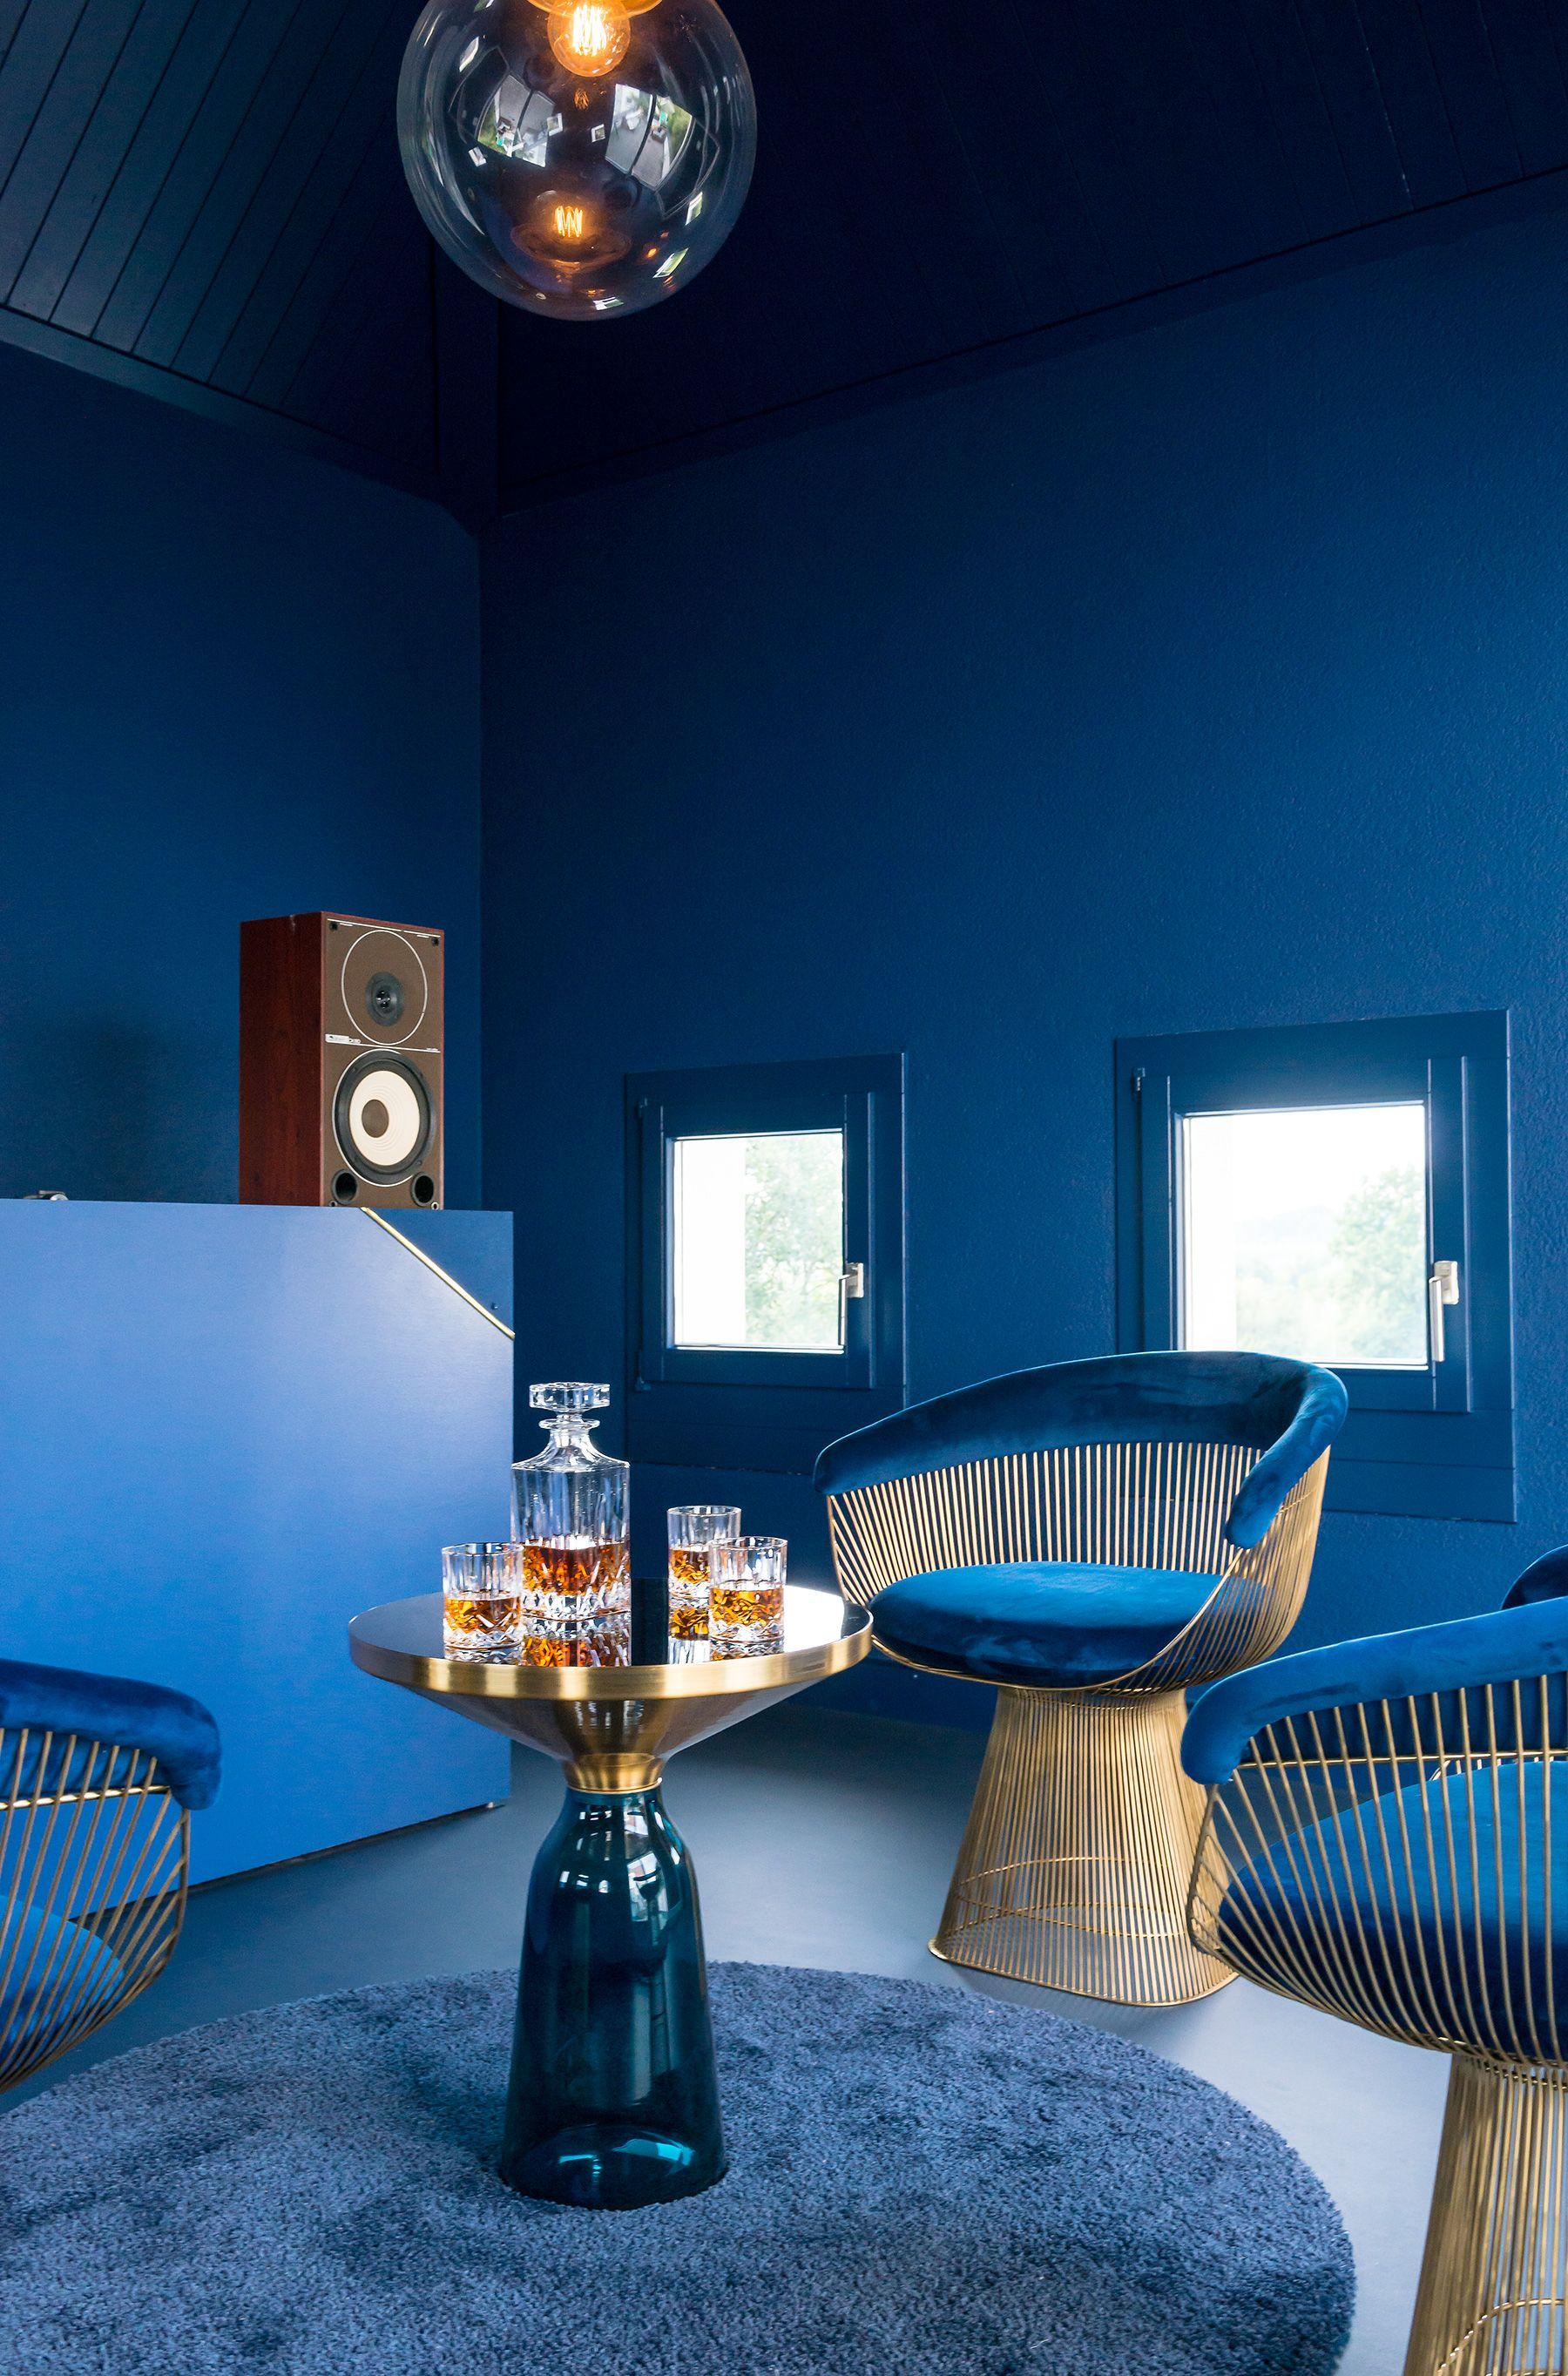 Superior Interior Design Private House   30s, 40s, 50s, 60s, Art Deco,